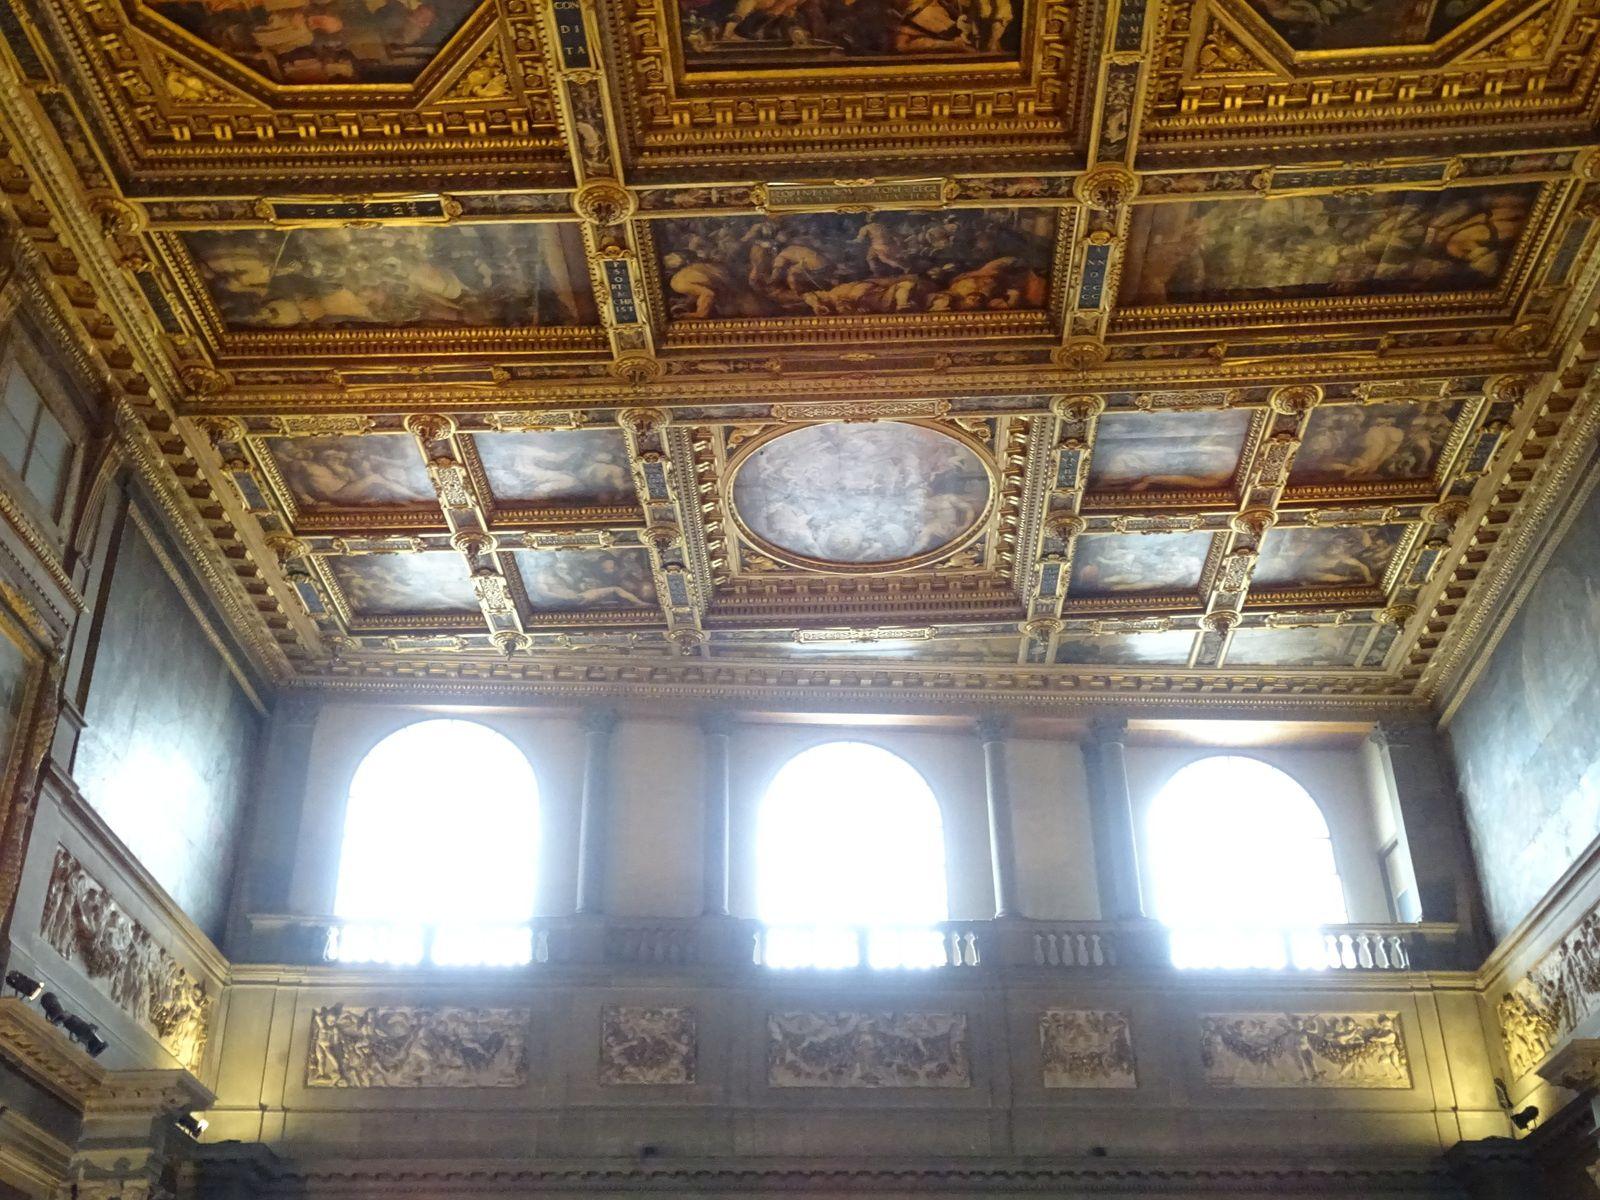 Palazzo Vecchio, Florence : cour de Michelozzo - Salle des Cinq-Cents